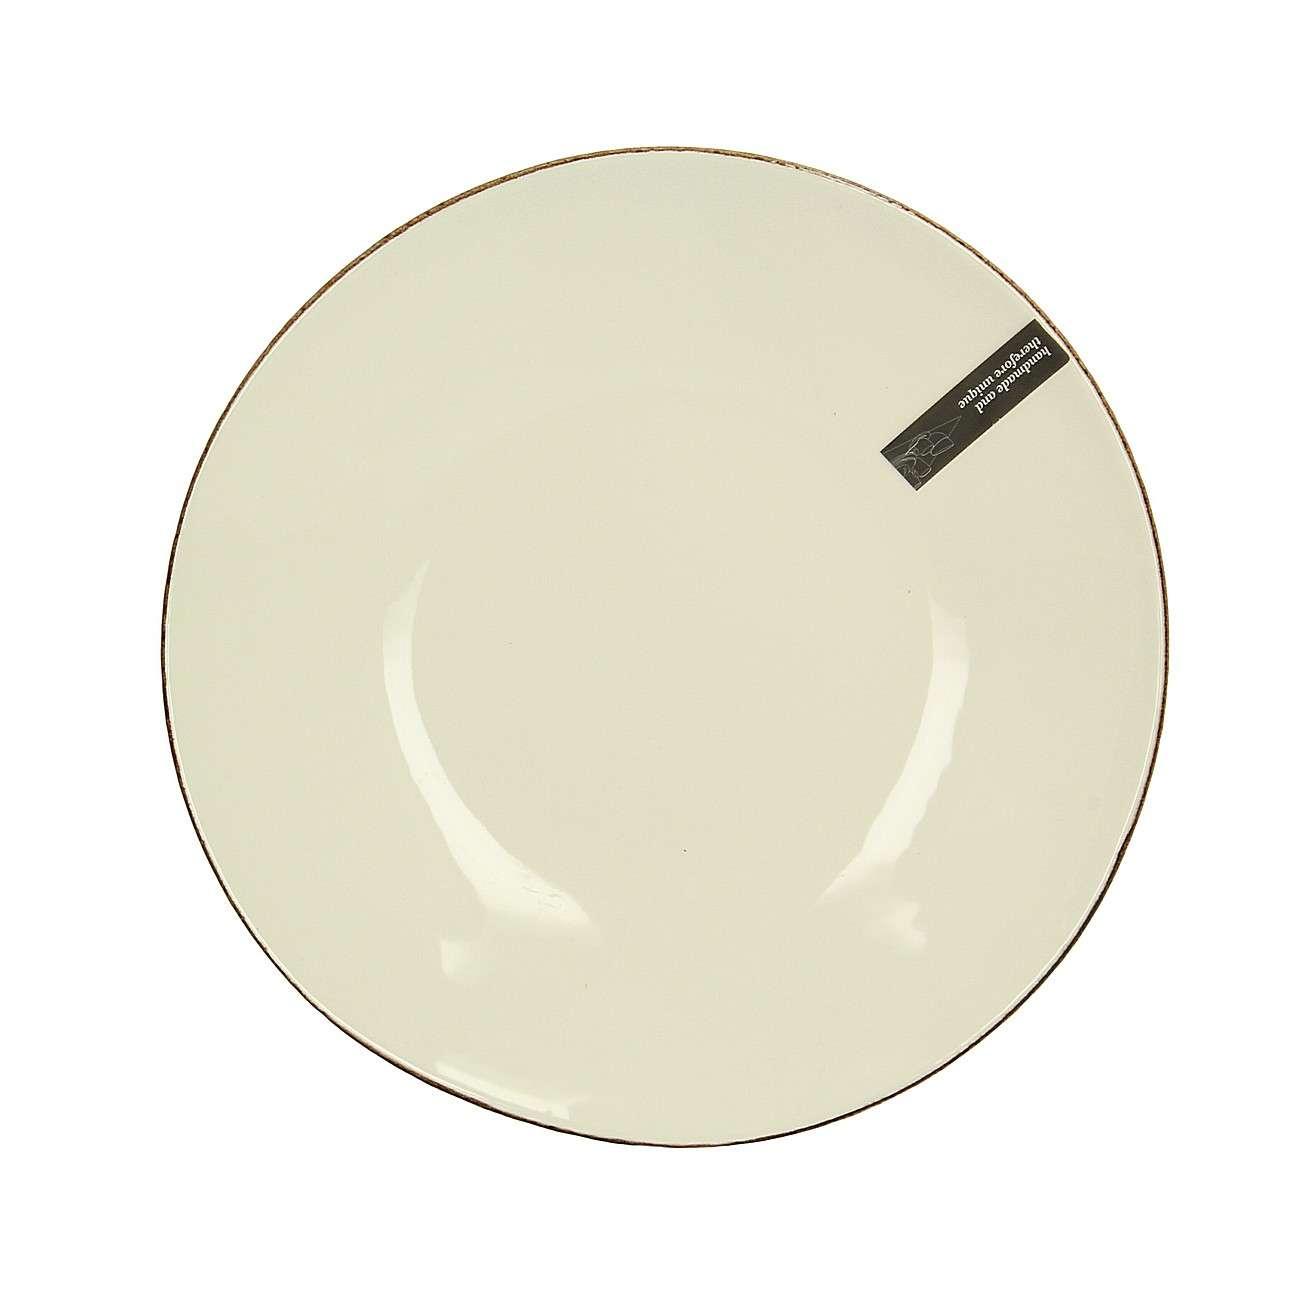 Teller Organic Line 28 cm cream, 28 cm  | Küche und Esszimmer | Creme | Dekoria